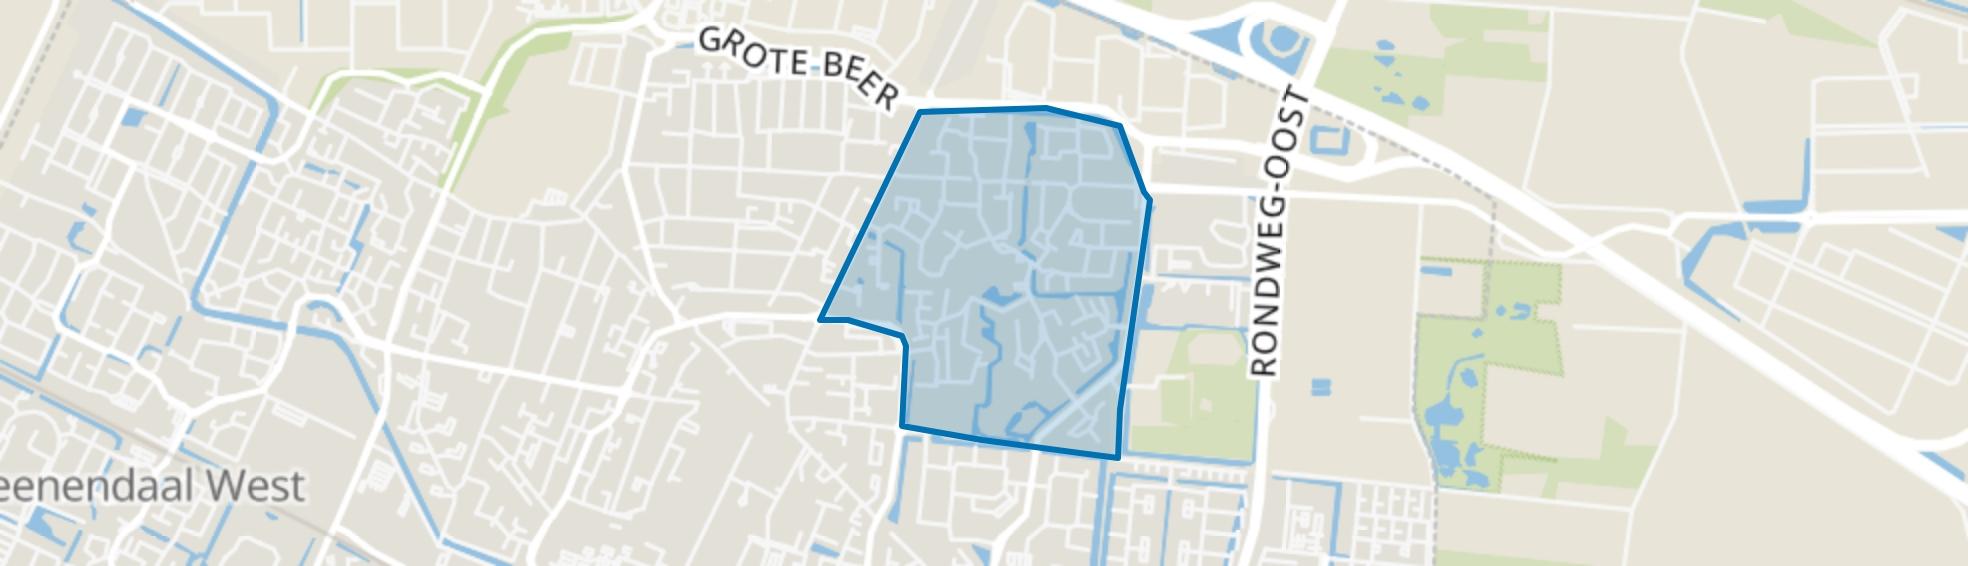 Dragonder-Noord, Veenendaal map